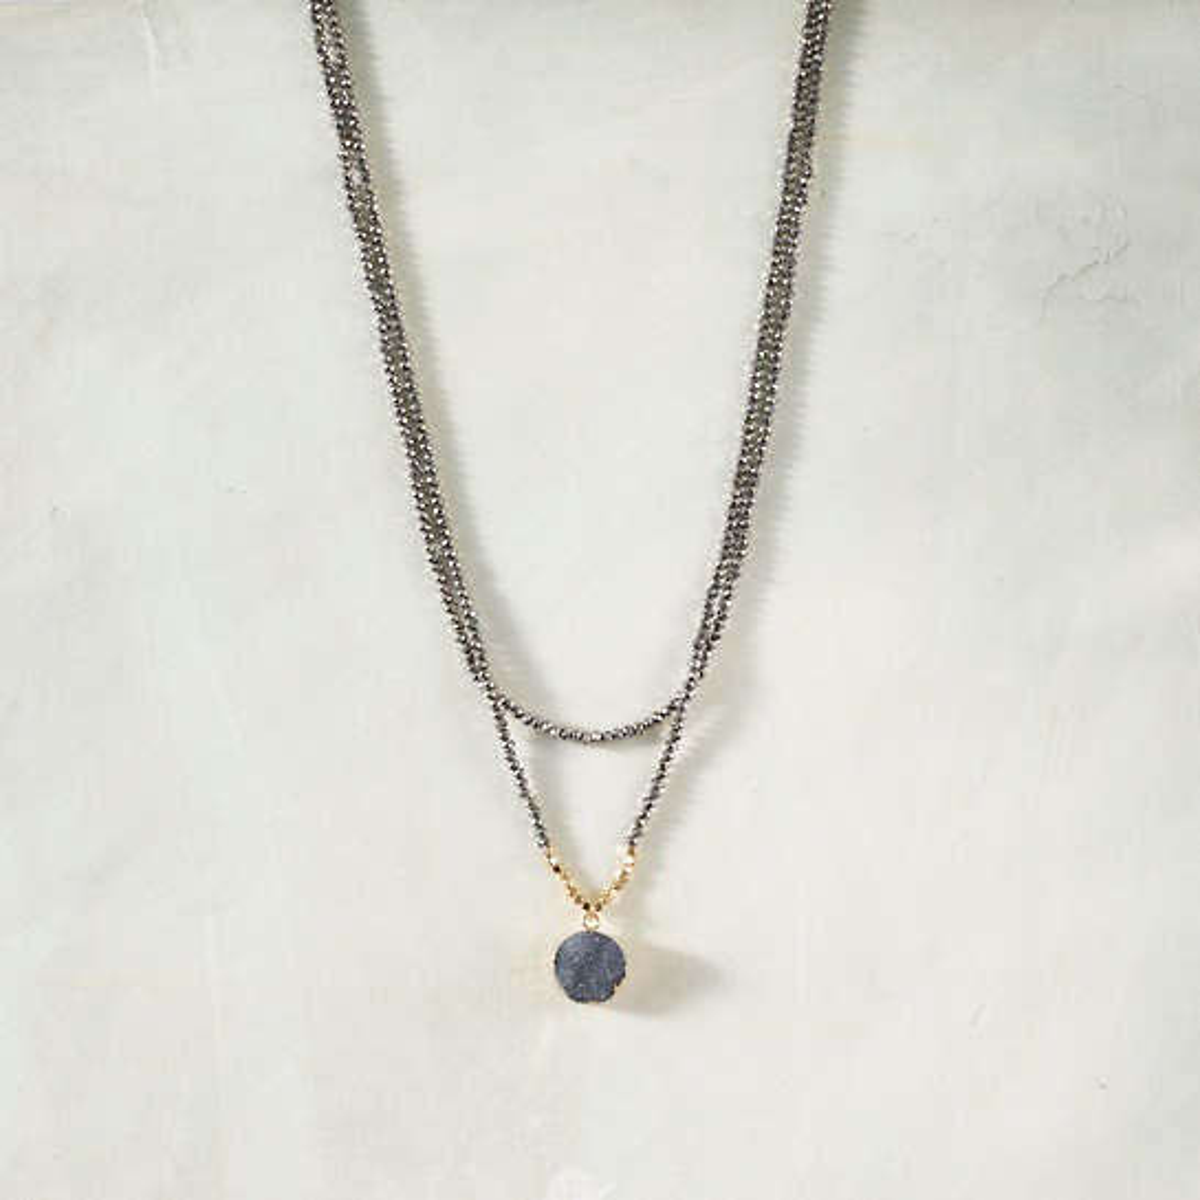 Claudette Gray Necklace